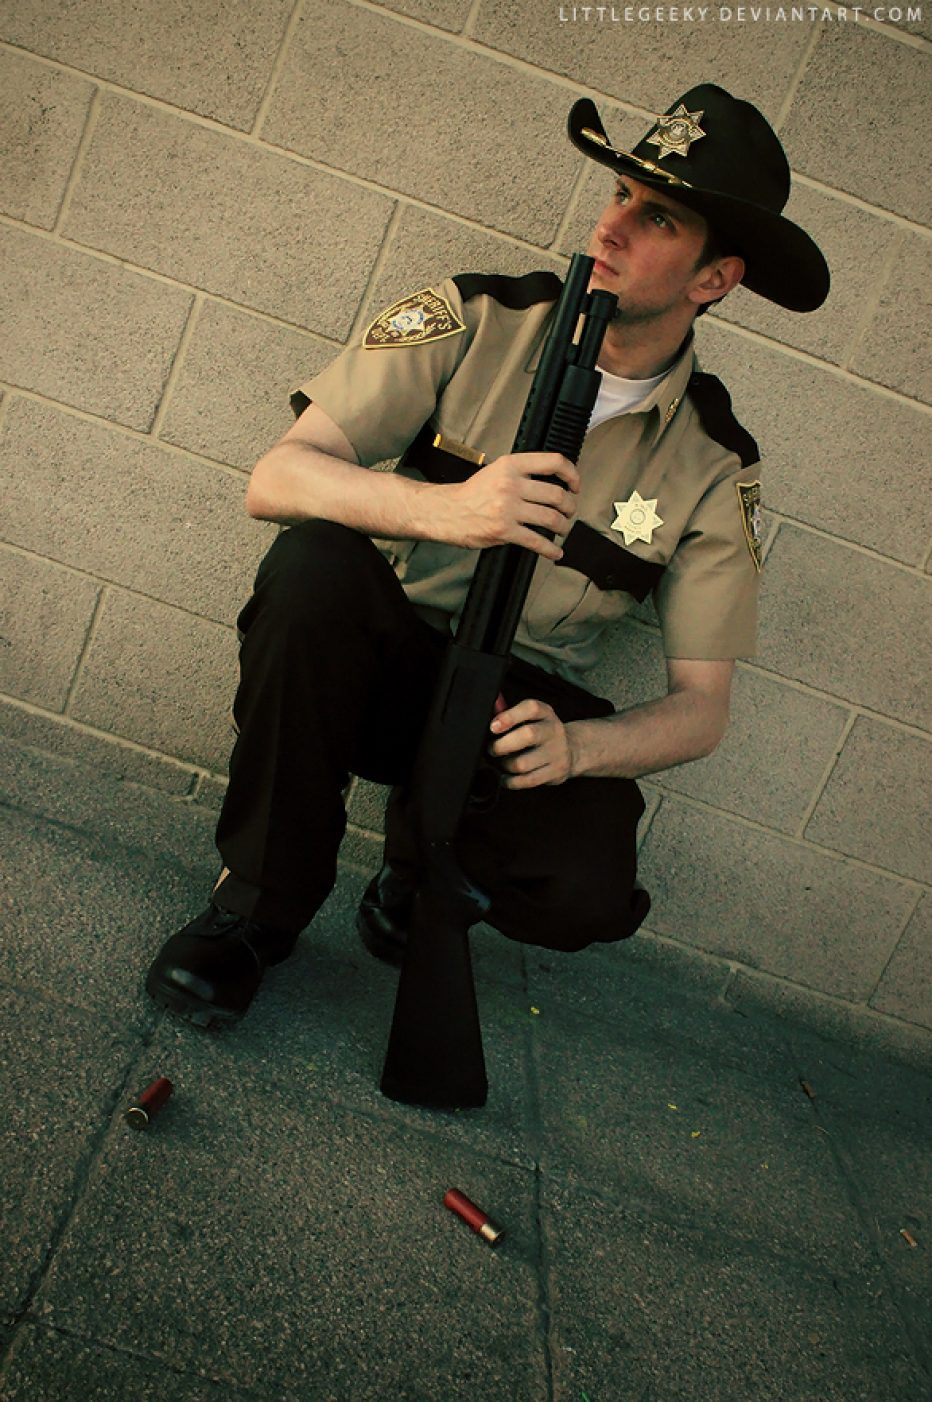 The-Walking-Dead-Rick-Grimes-Cosplay-Gamers-Heroes-9.jpg